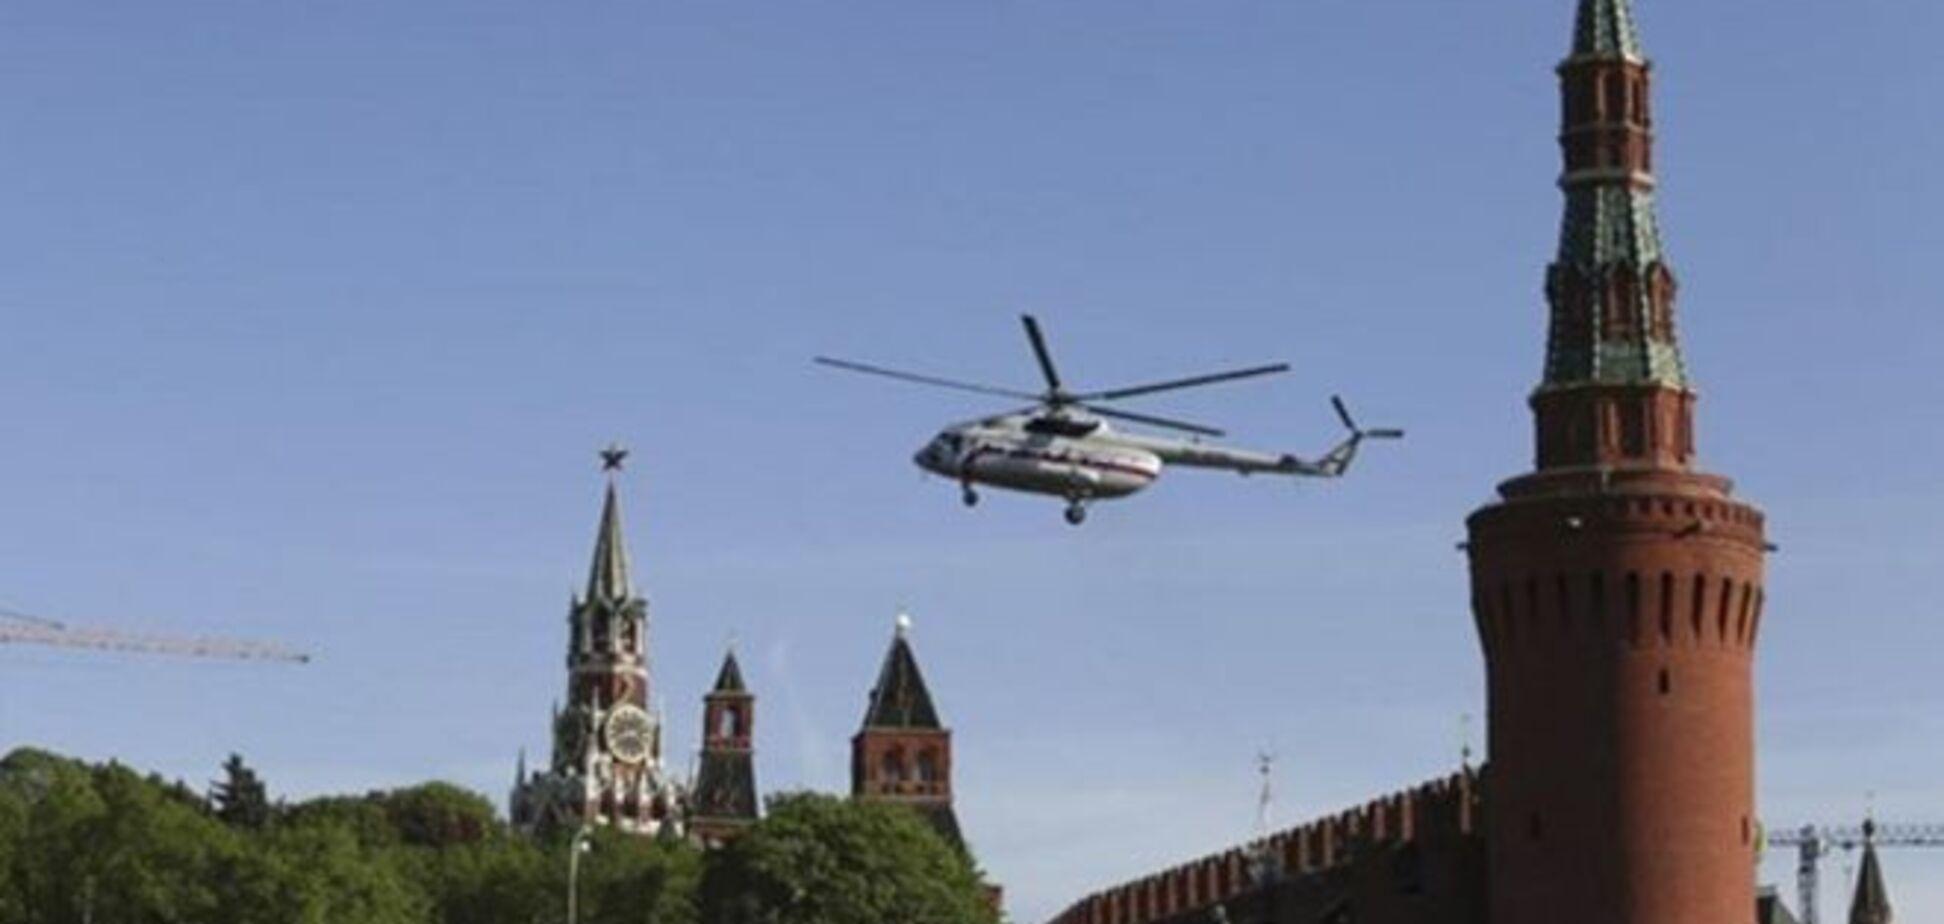 Вот говорят — в Кремле переворот, над ним уже летает вертолет